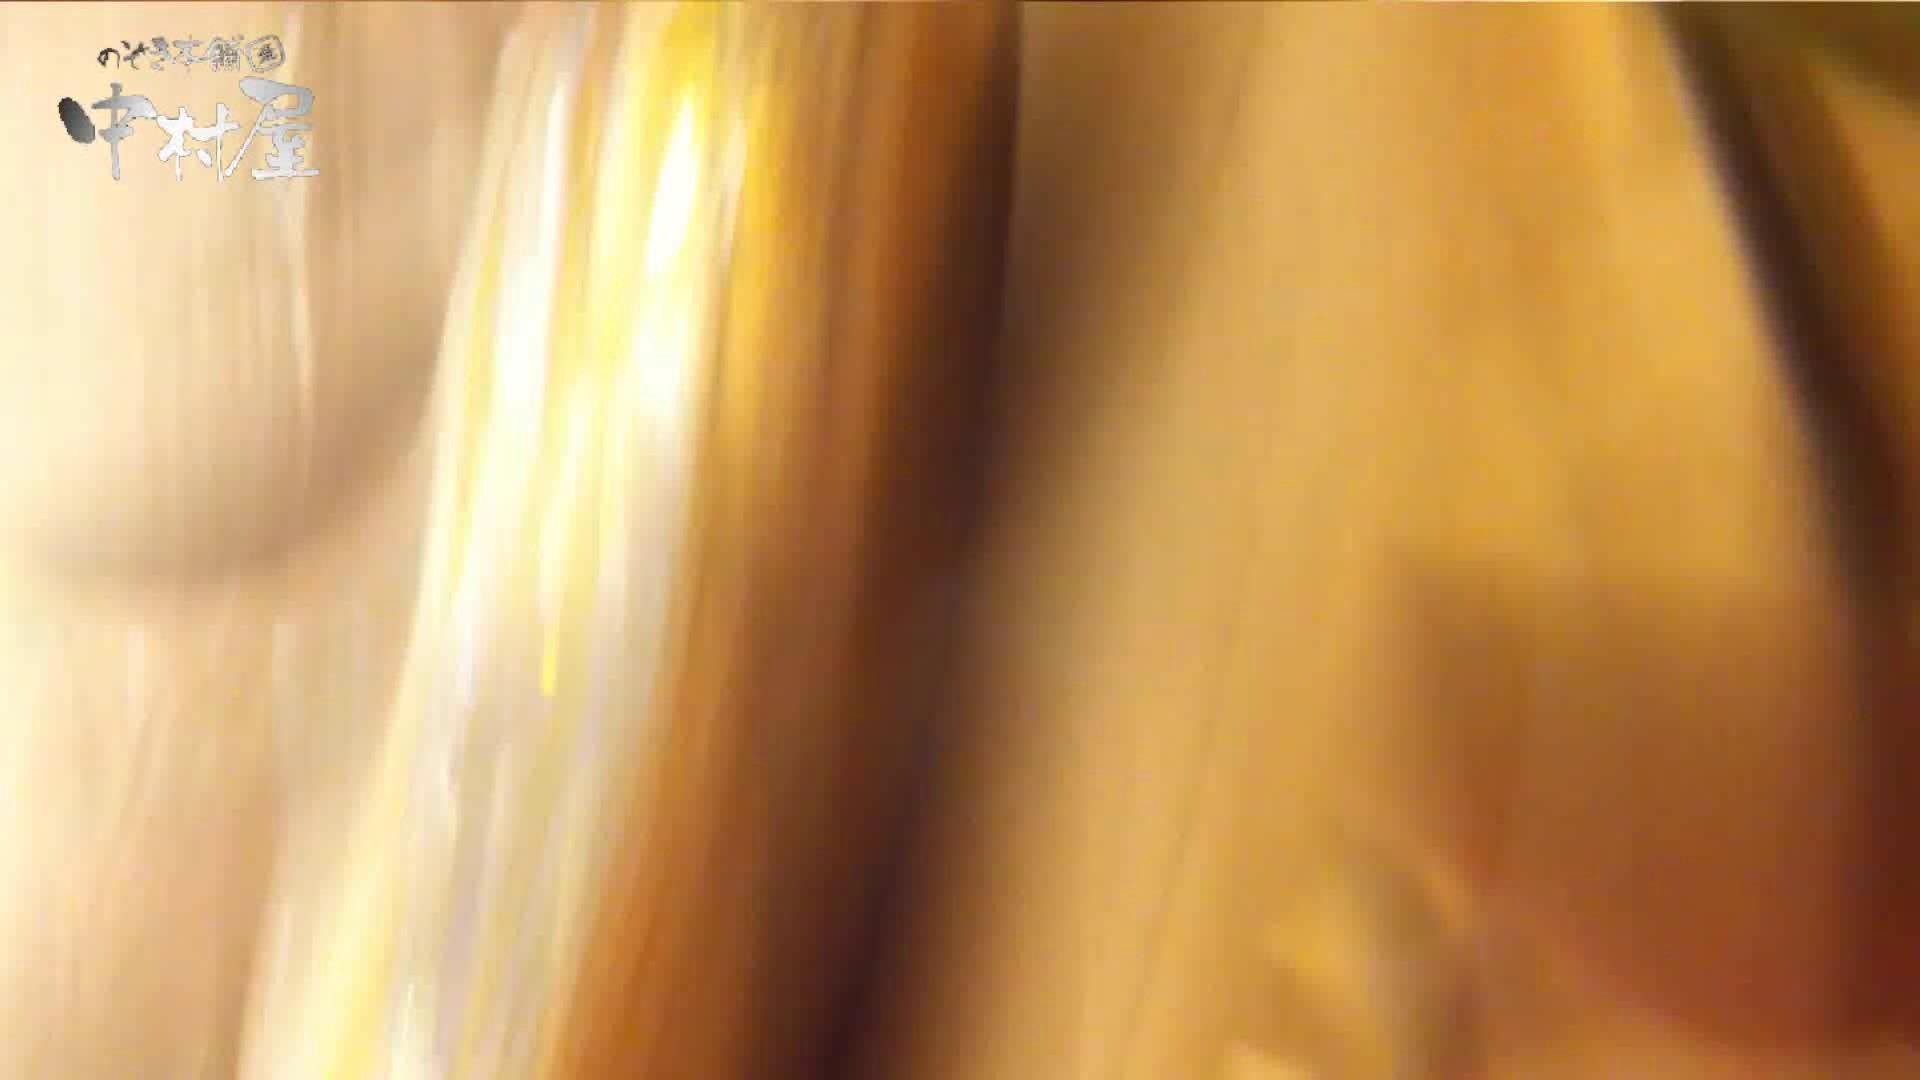 vol.43 可愛いカリスマ店員限定‼胸チラ&パンチラ 美脚おねーさんの胸元ゲット! チラ  86画像 84